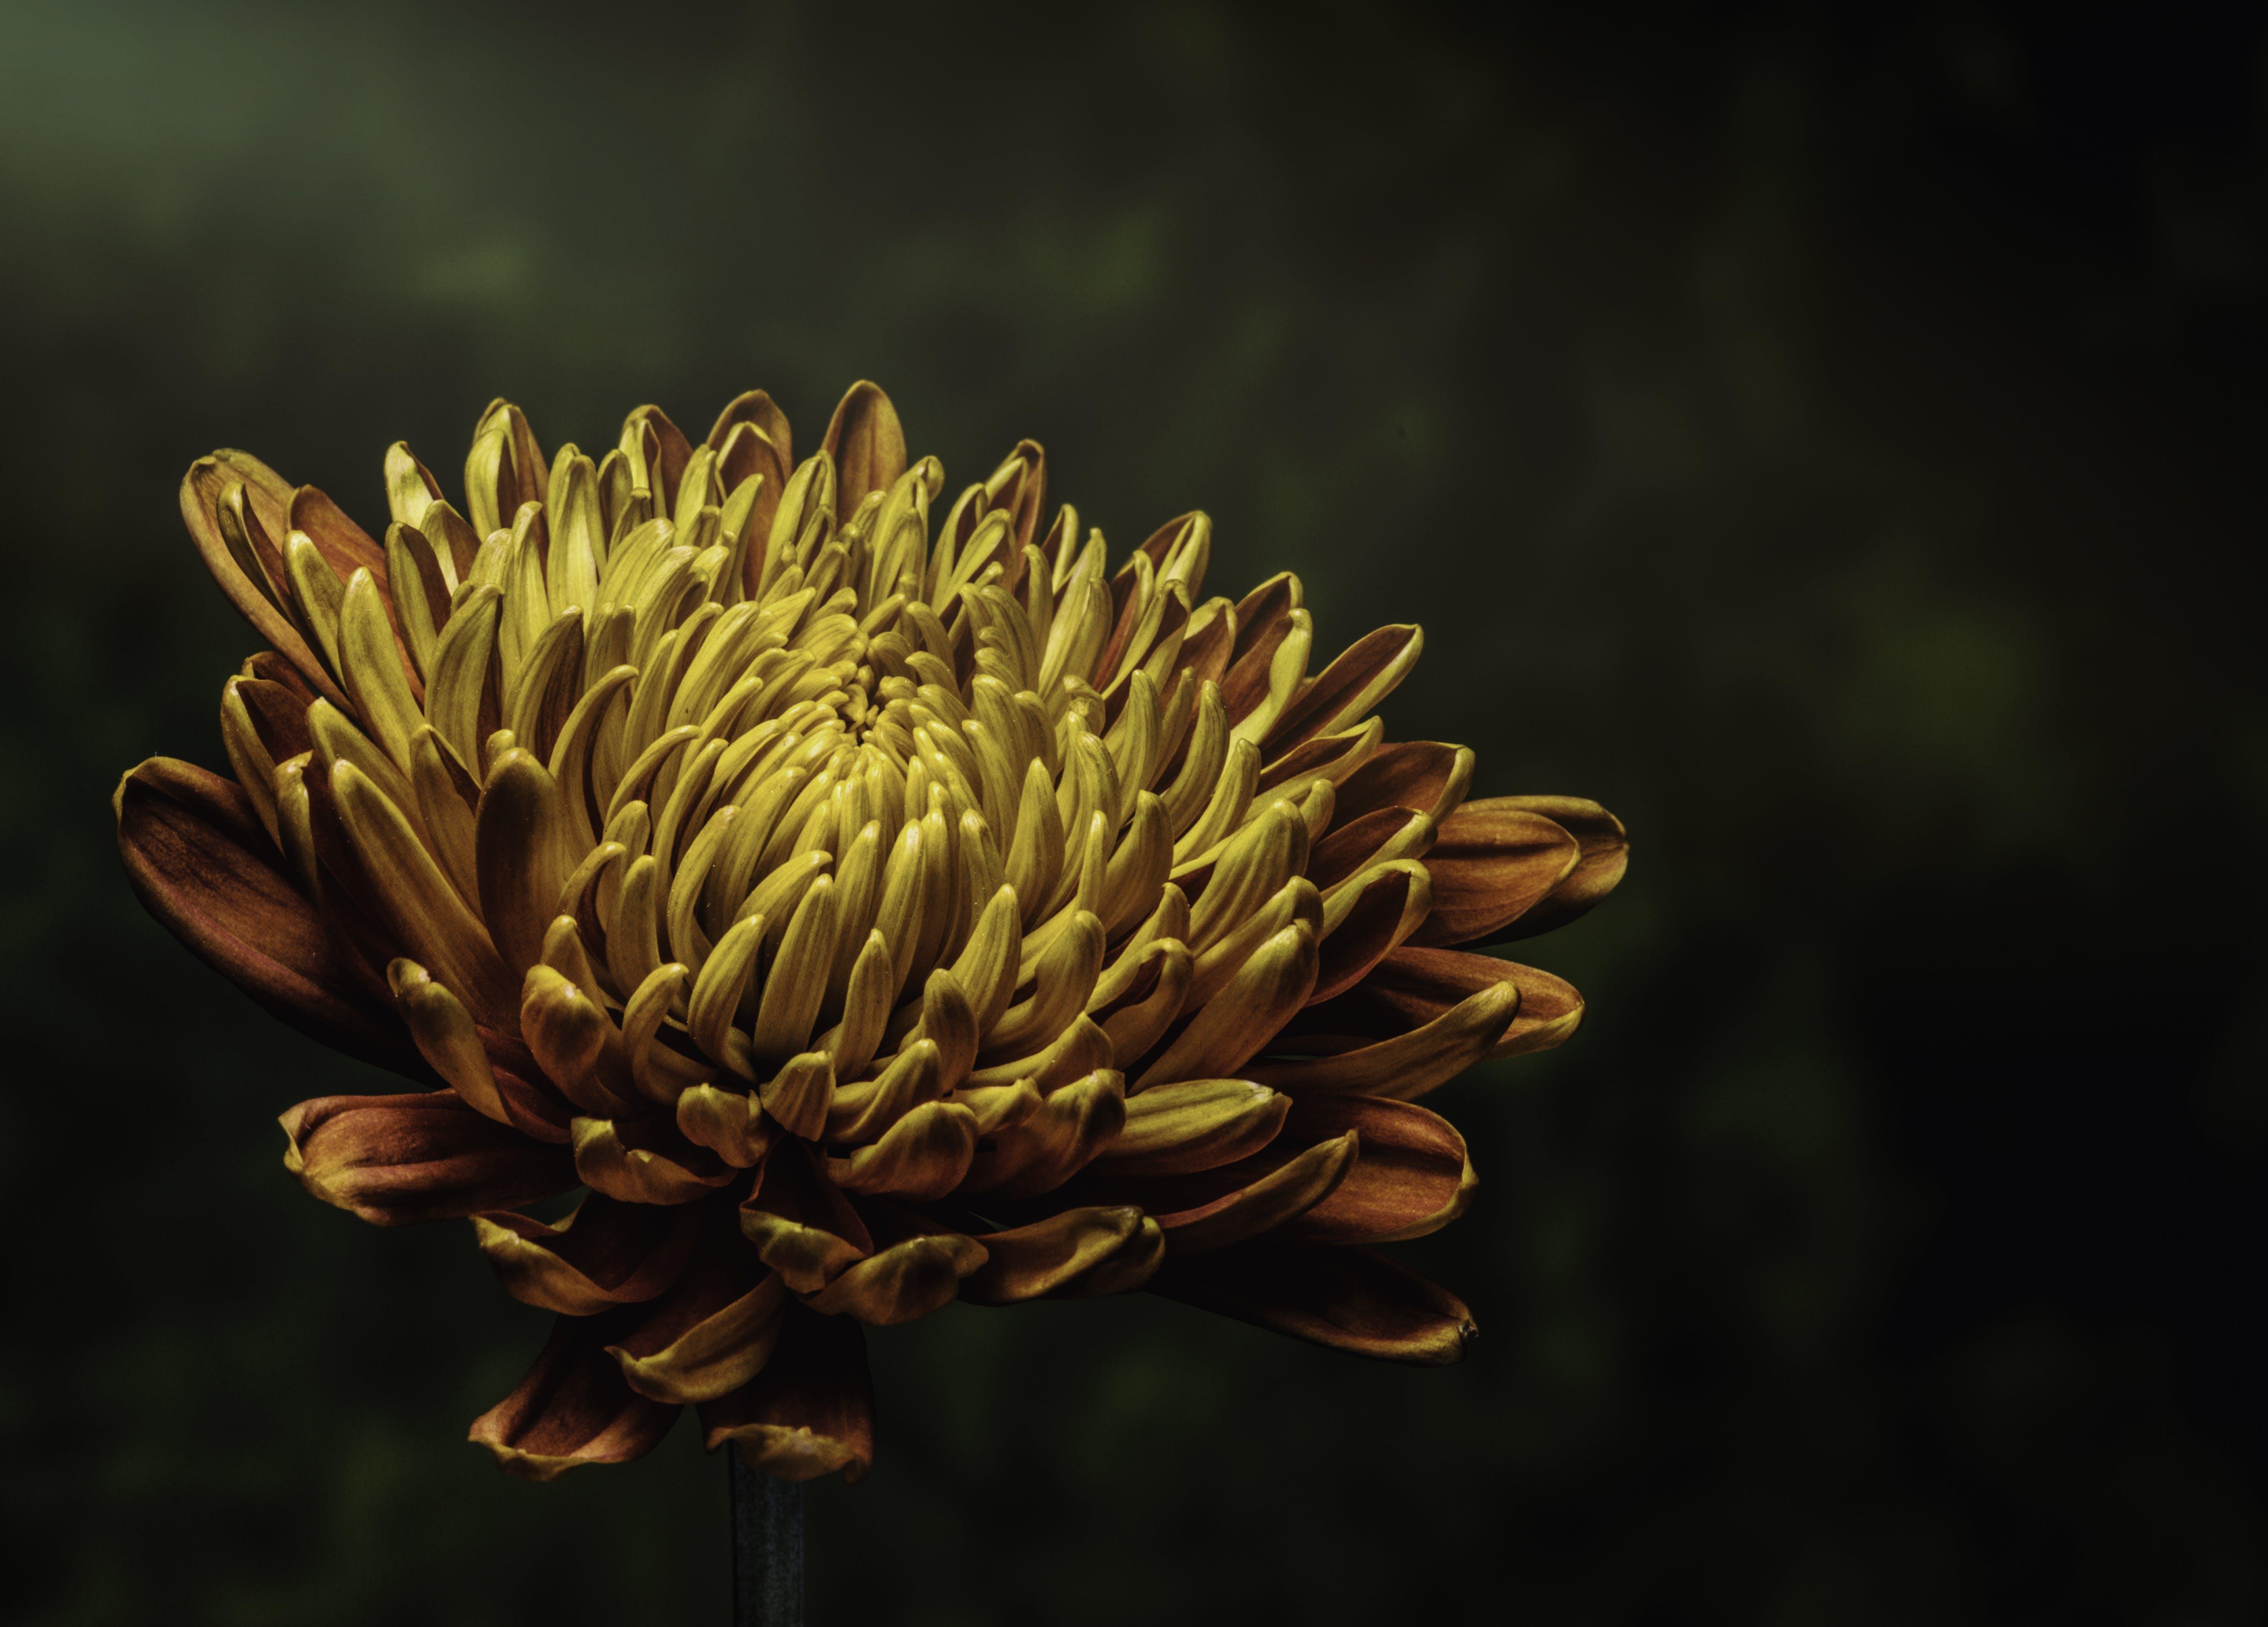 꽃봉오리, 꽃이 피는, 꽃잎, 밝은의 무료 스톡 사진